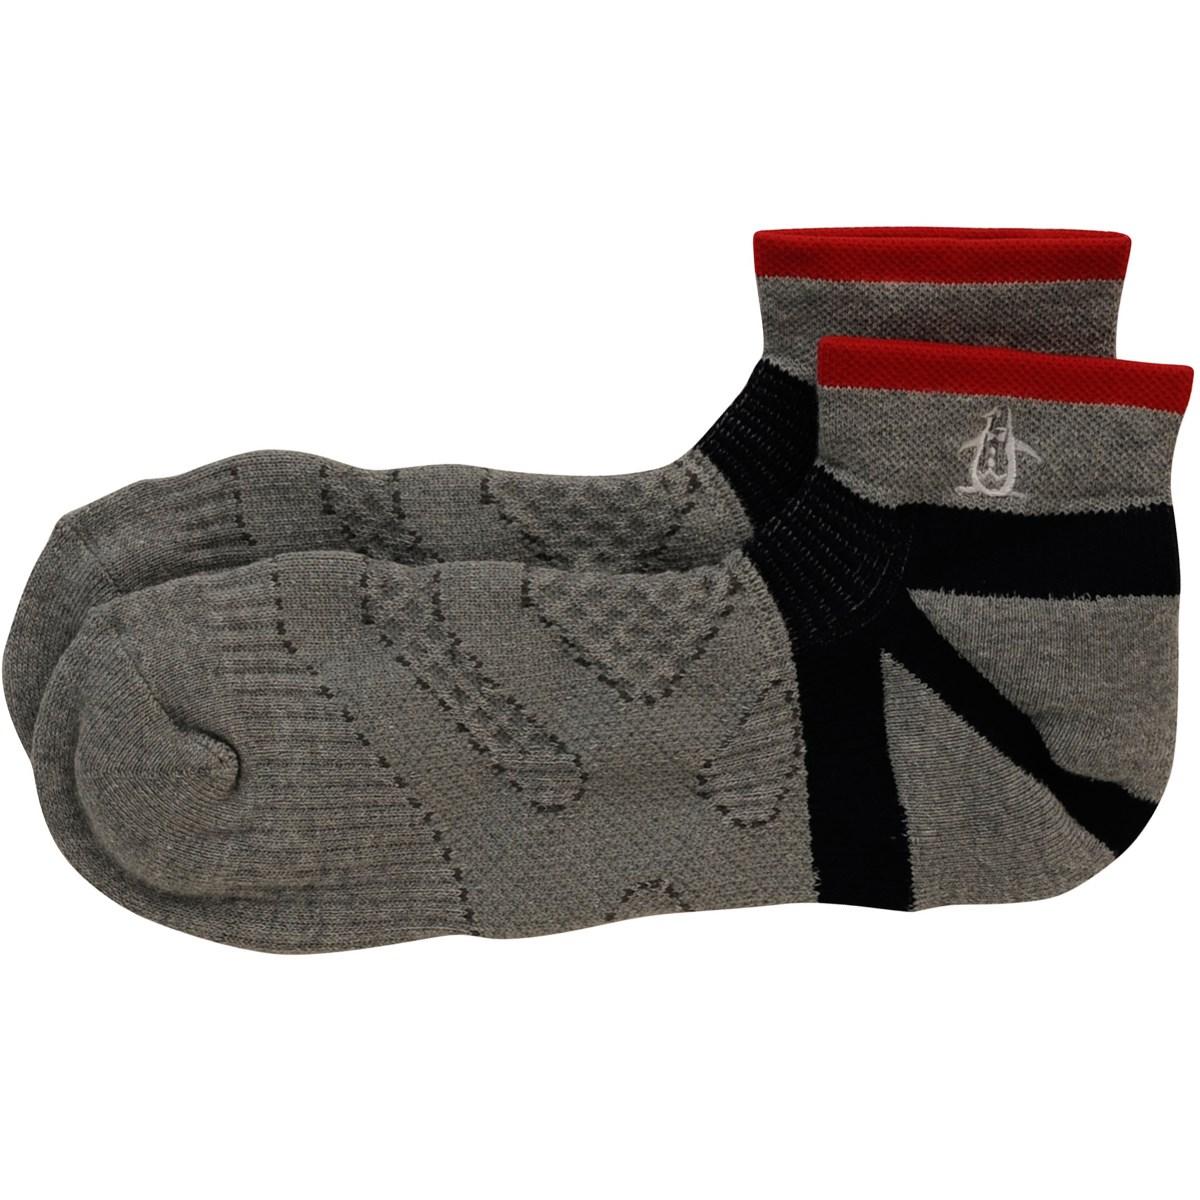 マンシングウェア Munsingwear ショートソックス フリー グレー N600